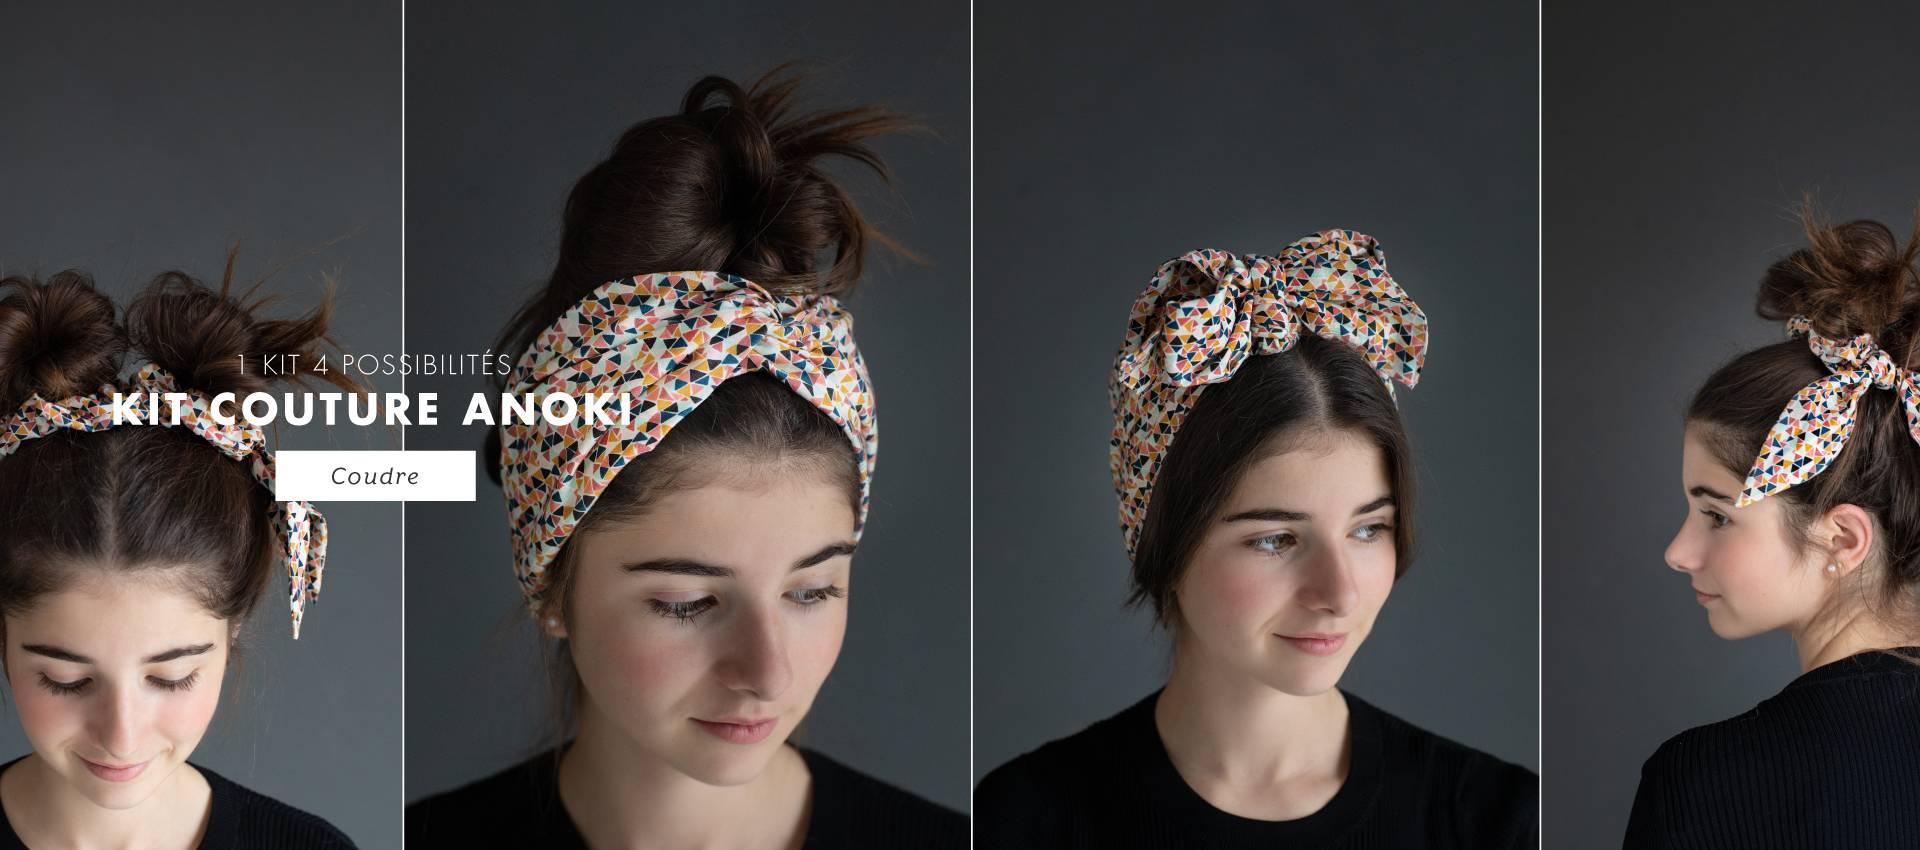 1 kit, 4 possibilités... headband, turban, chouchou et foulchie, à toi de coudre tes accessoires cheveux !